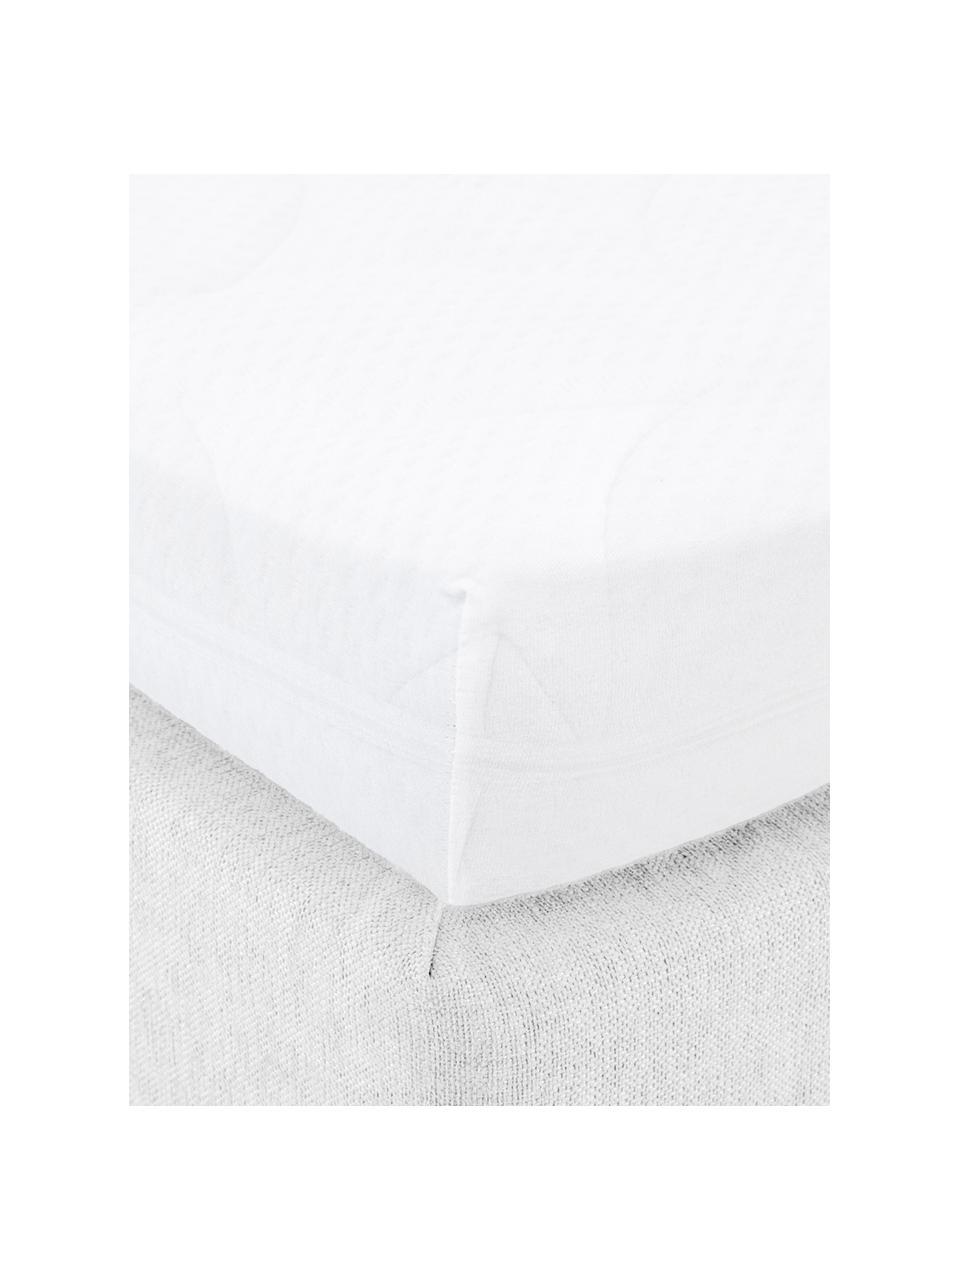 Drap-housse blanc en jersey élasthanne pour surmatelas Lara, Blanc